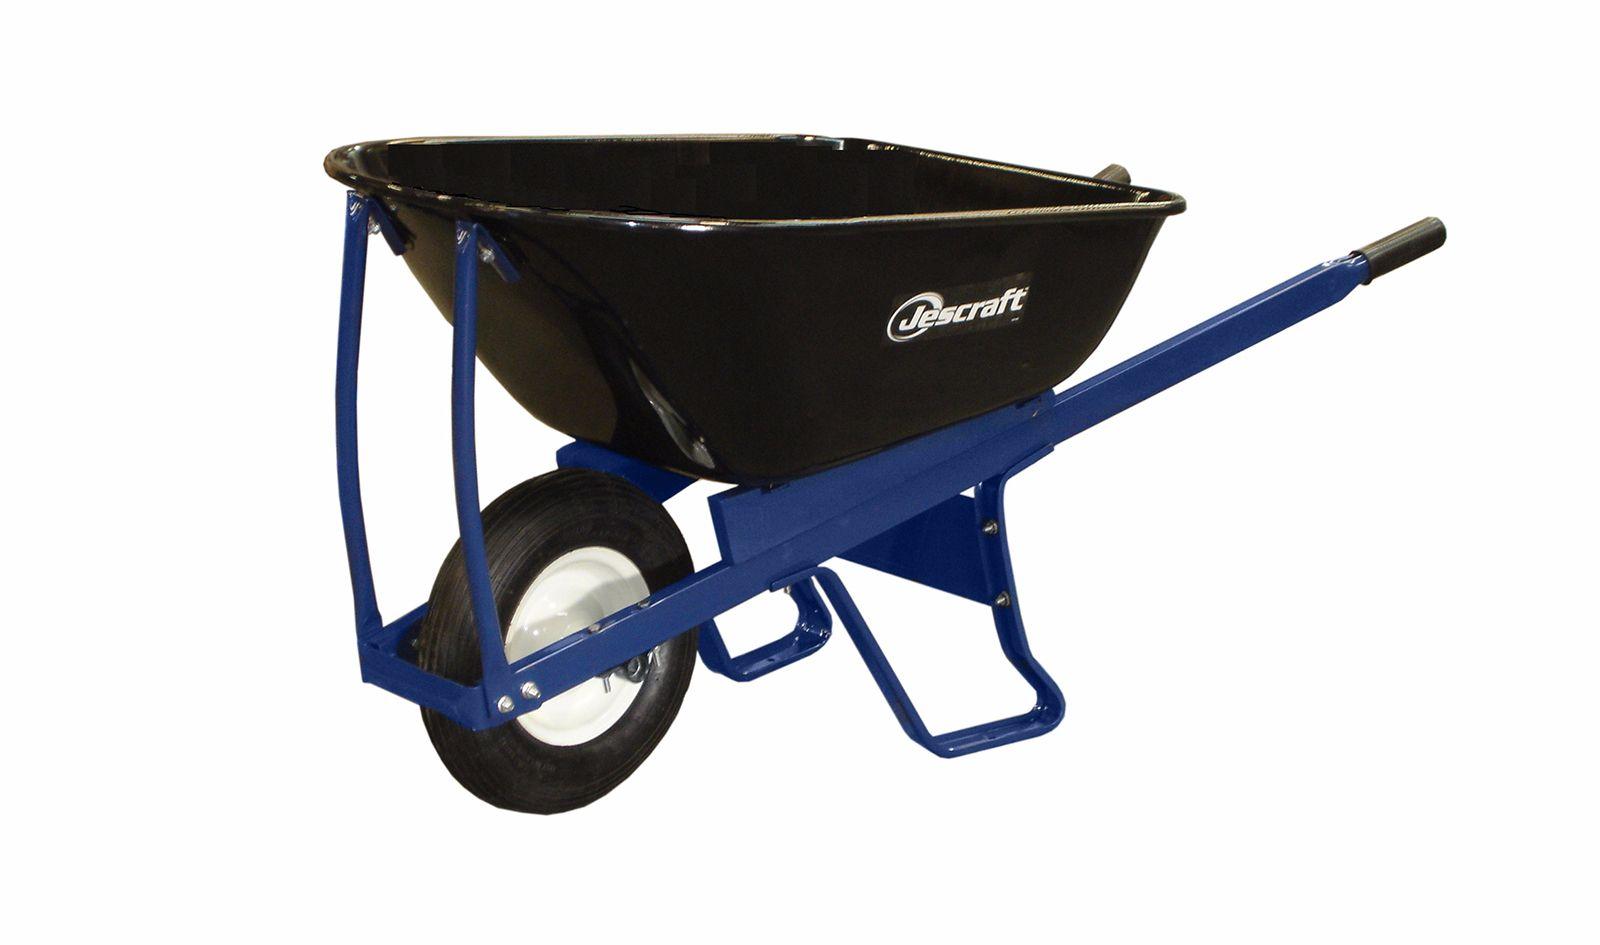 Kit Form Steel Wheelbarrow Single Wheel Jescraft In 2020 Wheelbarrow Steel Handle Steel